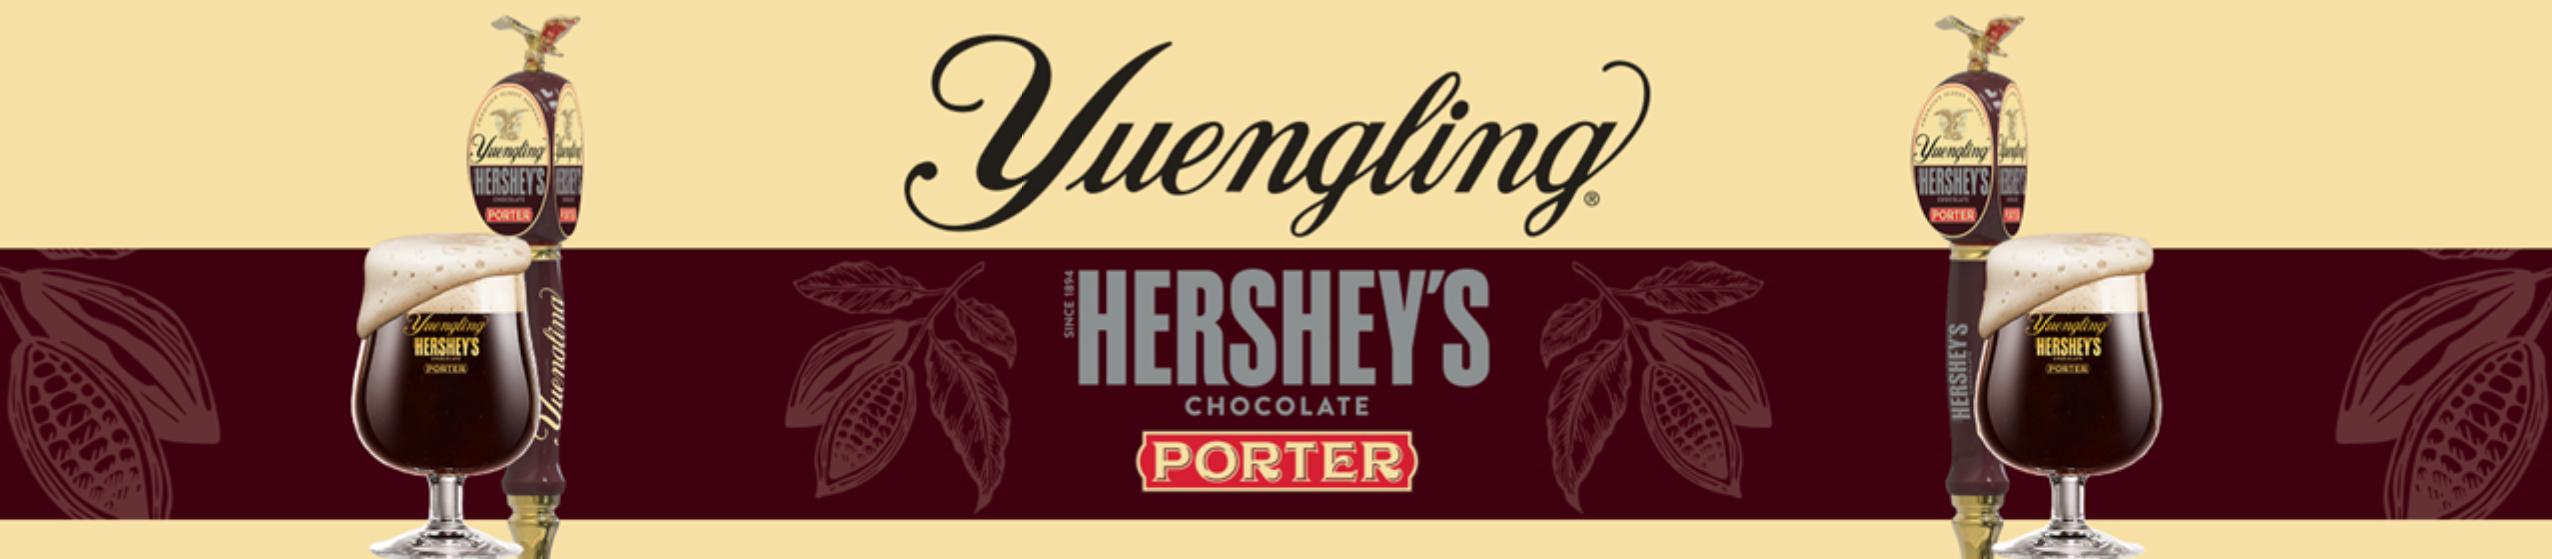 Yuengling Hershey Pic